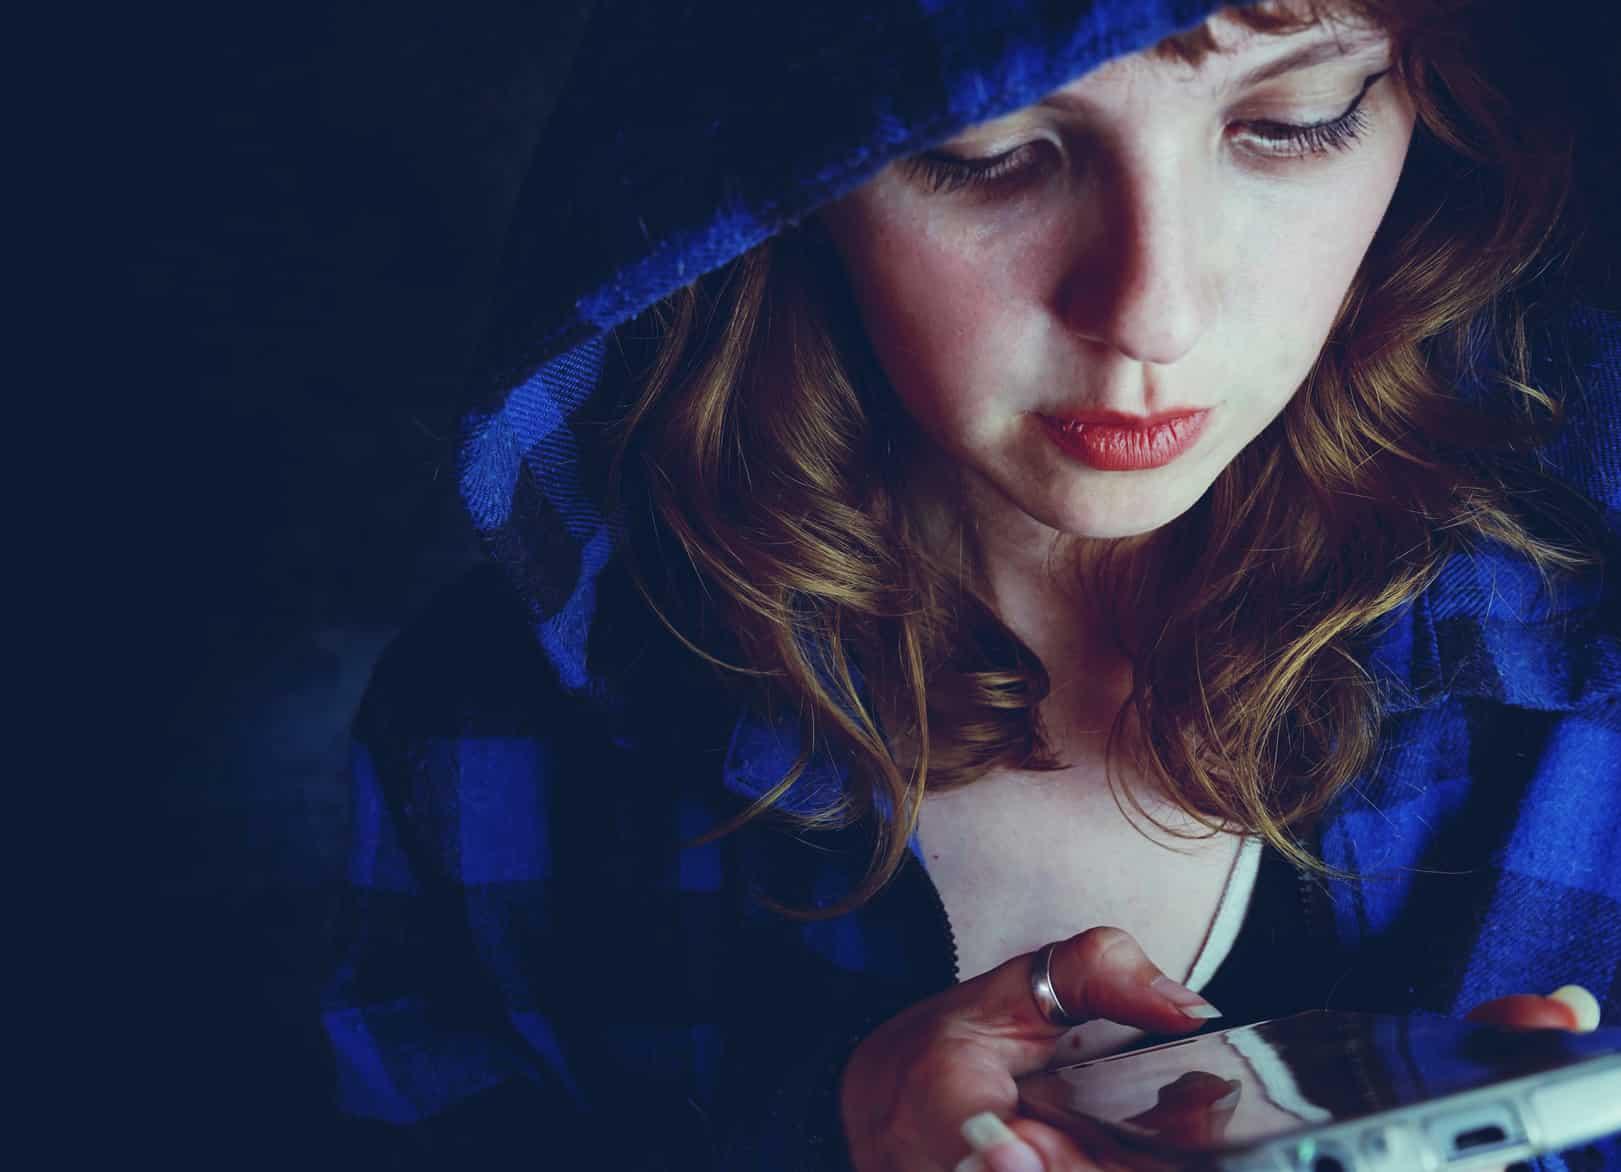 El ciberacoso puede estar relacionado con un mayor uso de sitios de redes sociales por parte de escolares de entre 14 y 17 años, según un estudio publicado en la revista 'BMC Public Health '.